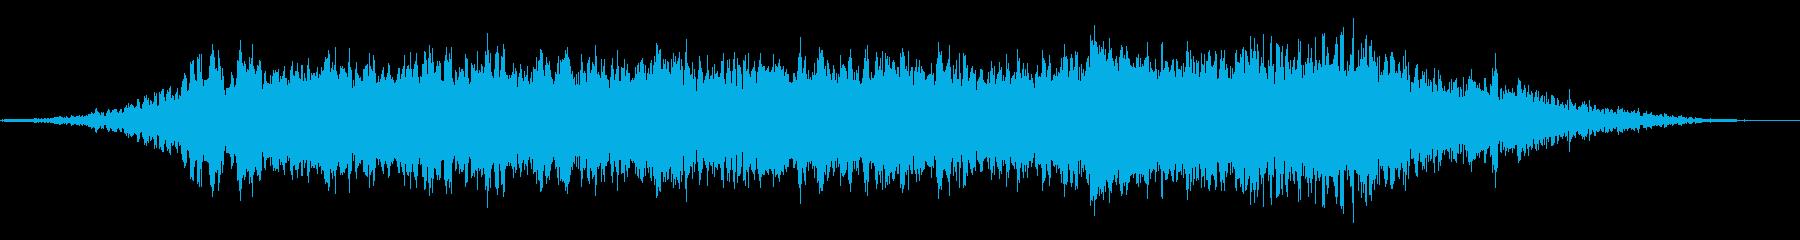 スペースファイター:武器なしの射撃...の再生済みの波形